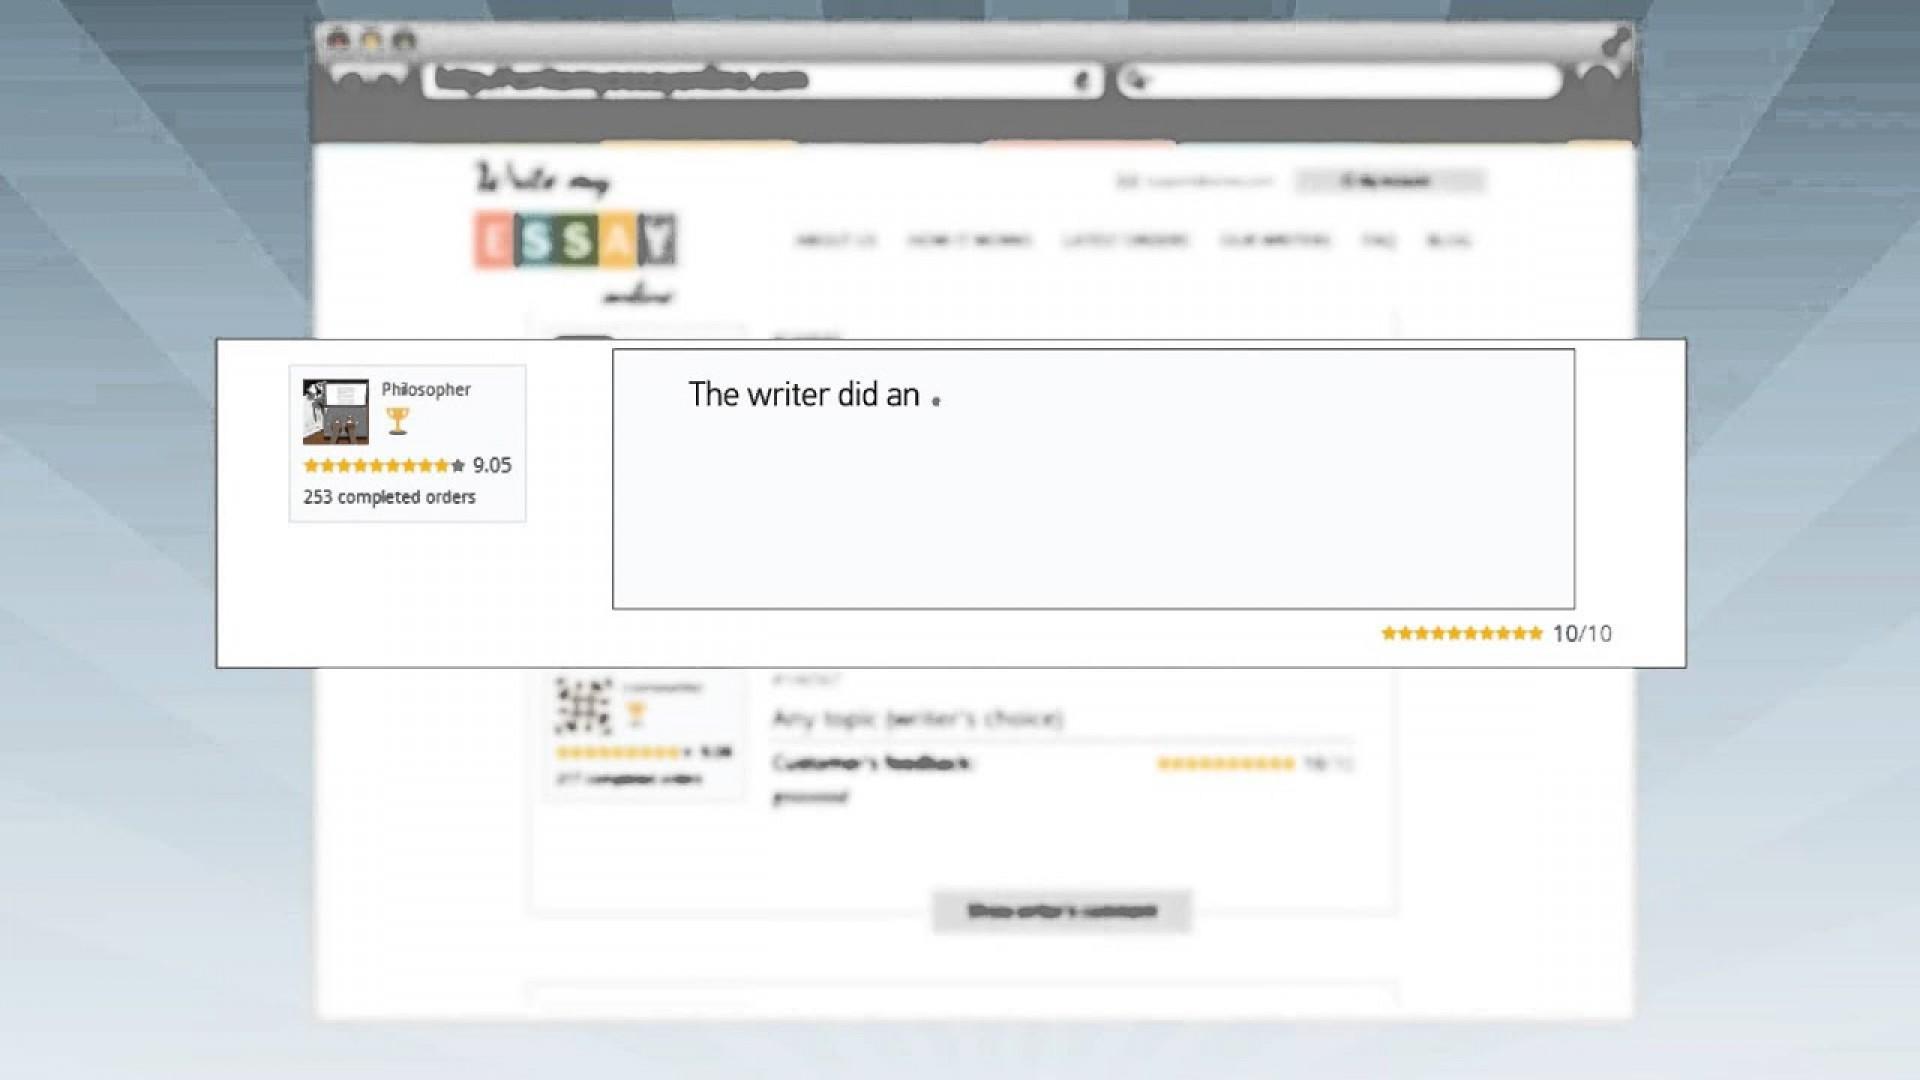 023 Essay Example Writer Com Outstanding My Writer.com Pro Writing Reviews Comparative 1920